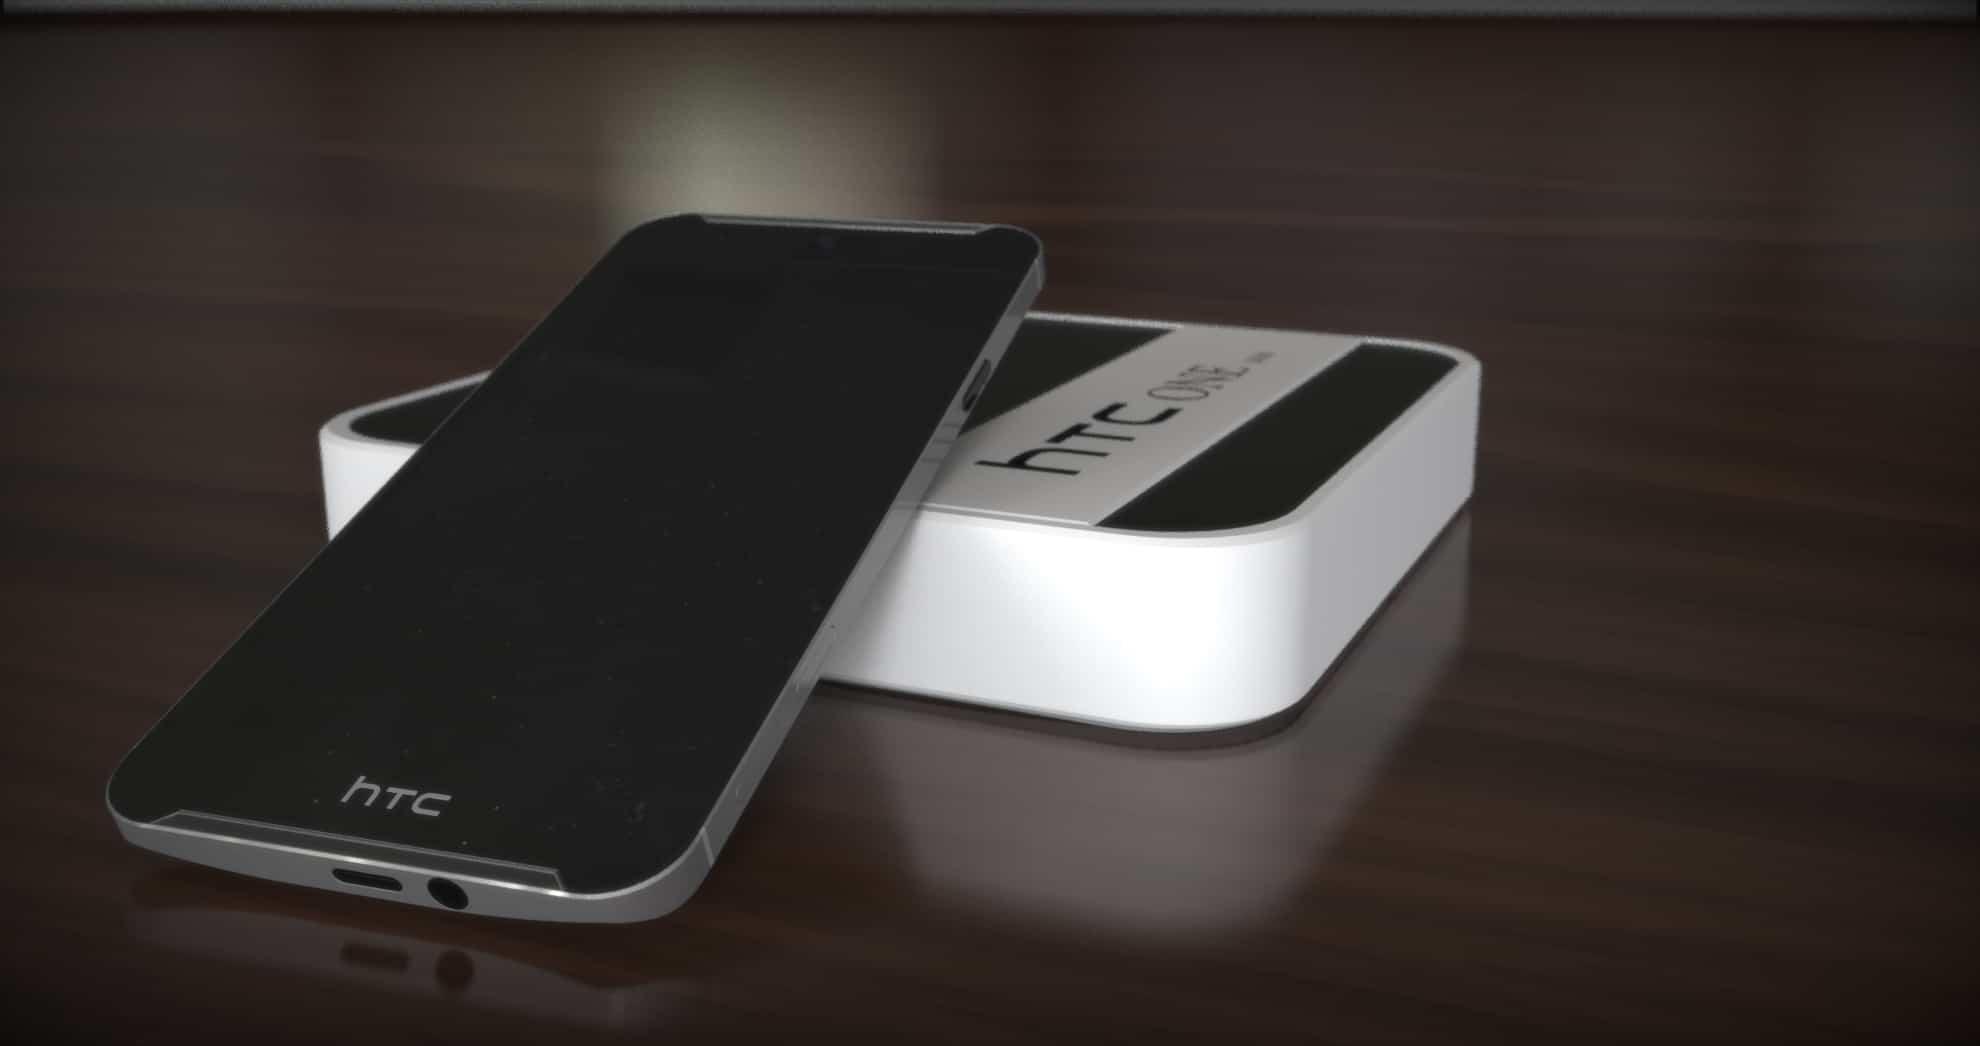 HTC One M10 Render